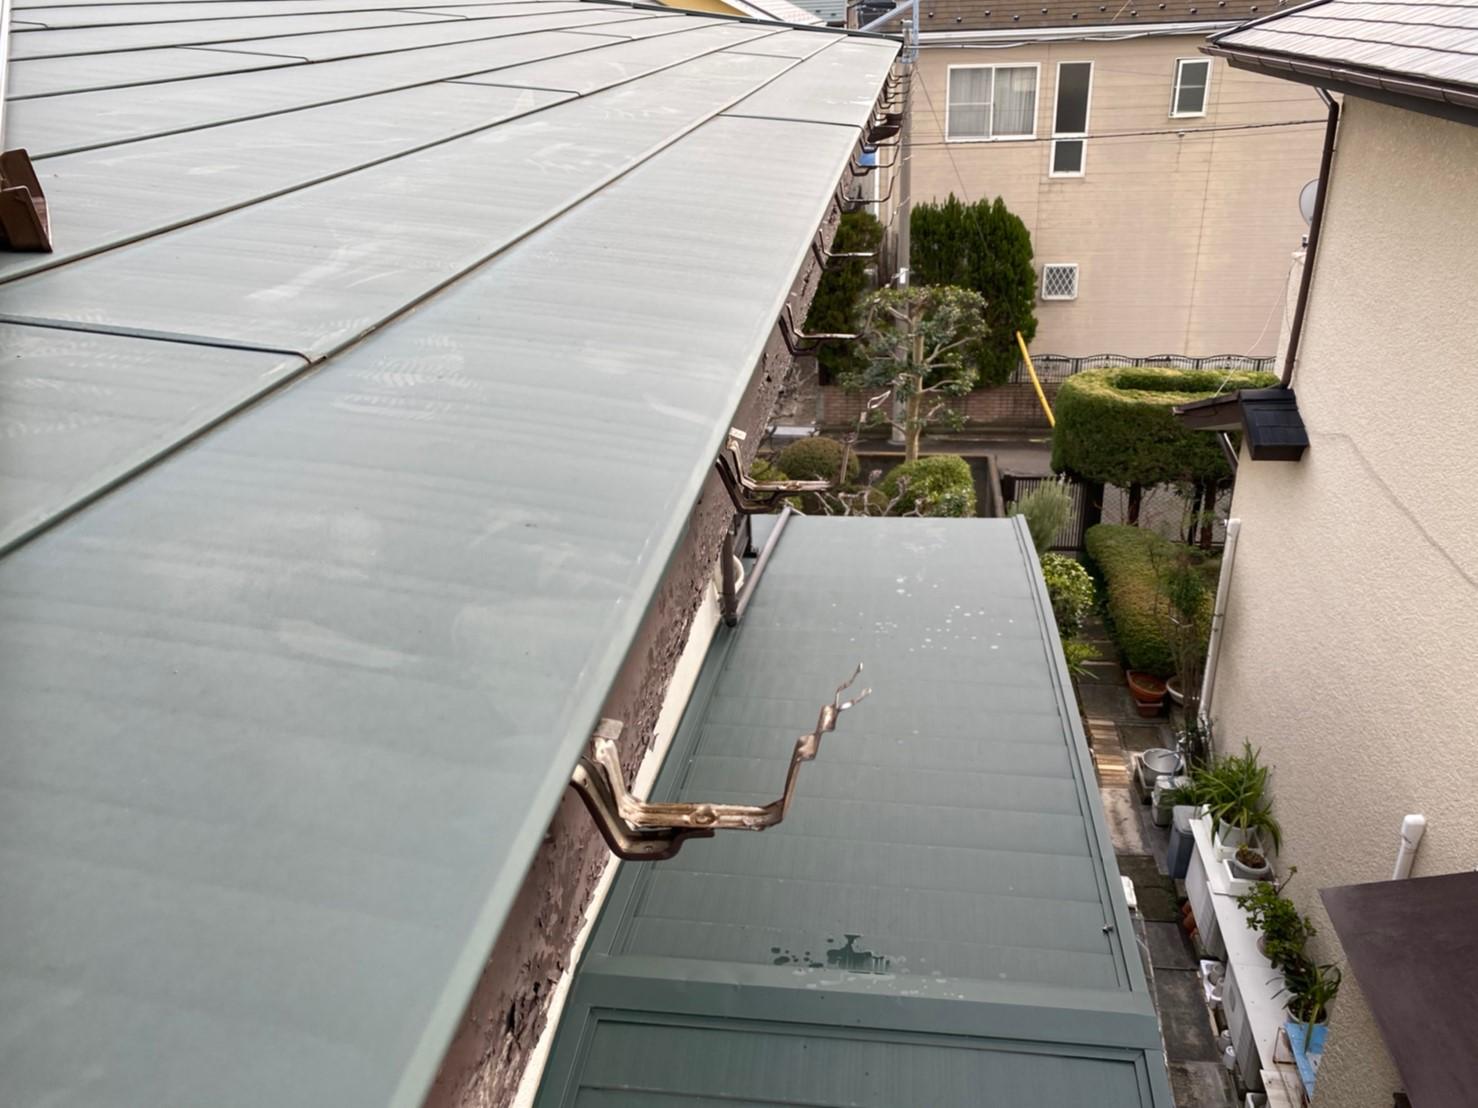 【施工完了報告!】その損傷、火災保険を使用して0円で直せるかも!!千葉県四街道市にて雨どい新品交換を行いました!